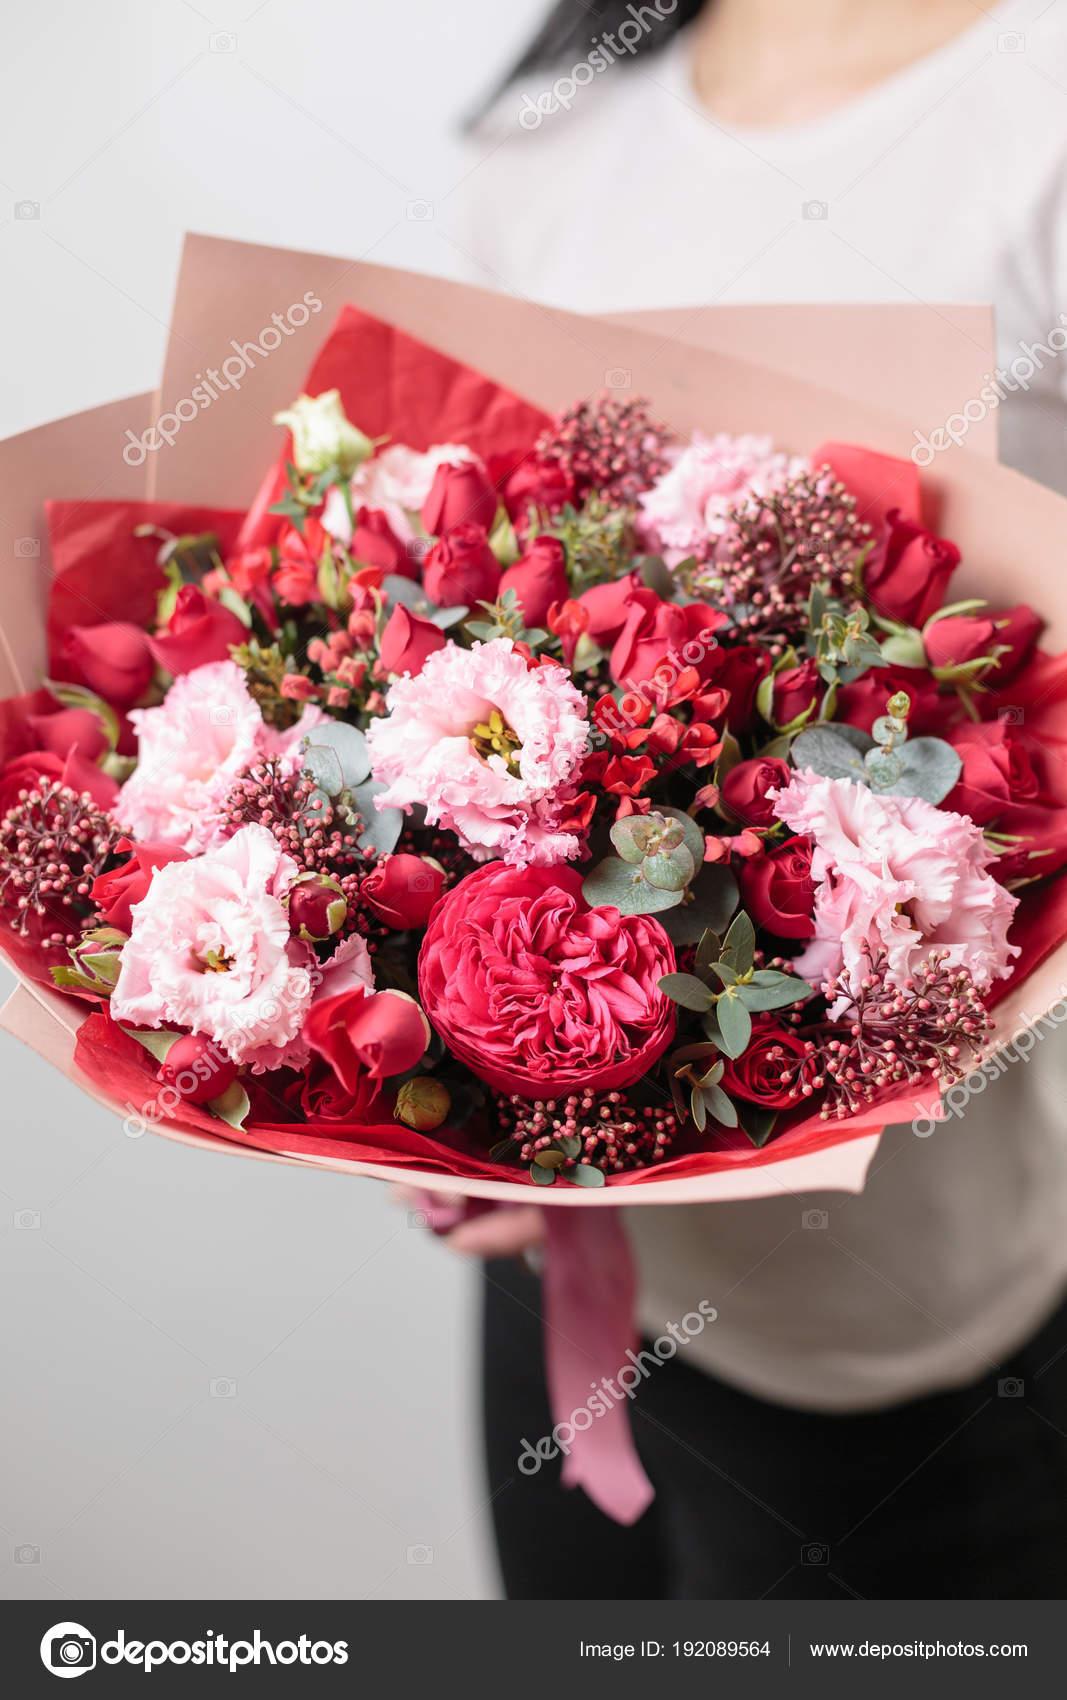 Bouquet of beautiful flowers in womens hands floristry concept bouquet of beautiful flowers in womens hands floristry concept spring colors the work izmirmasajfo